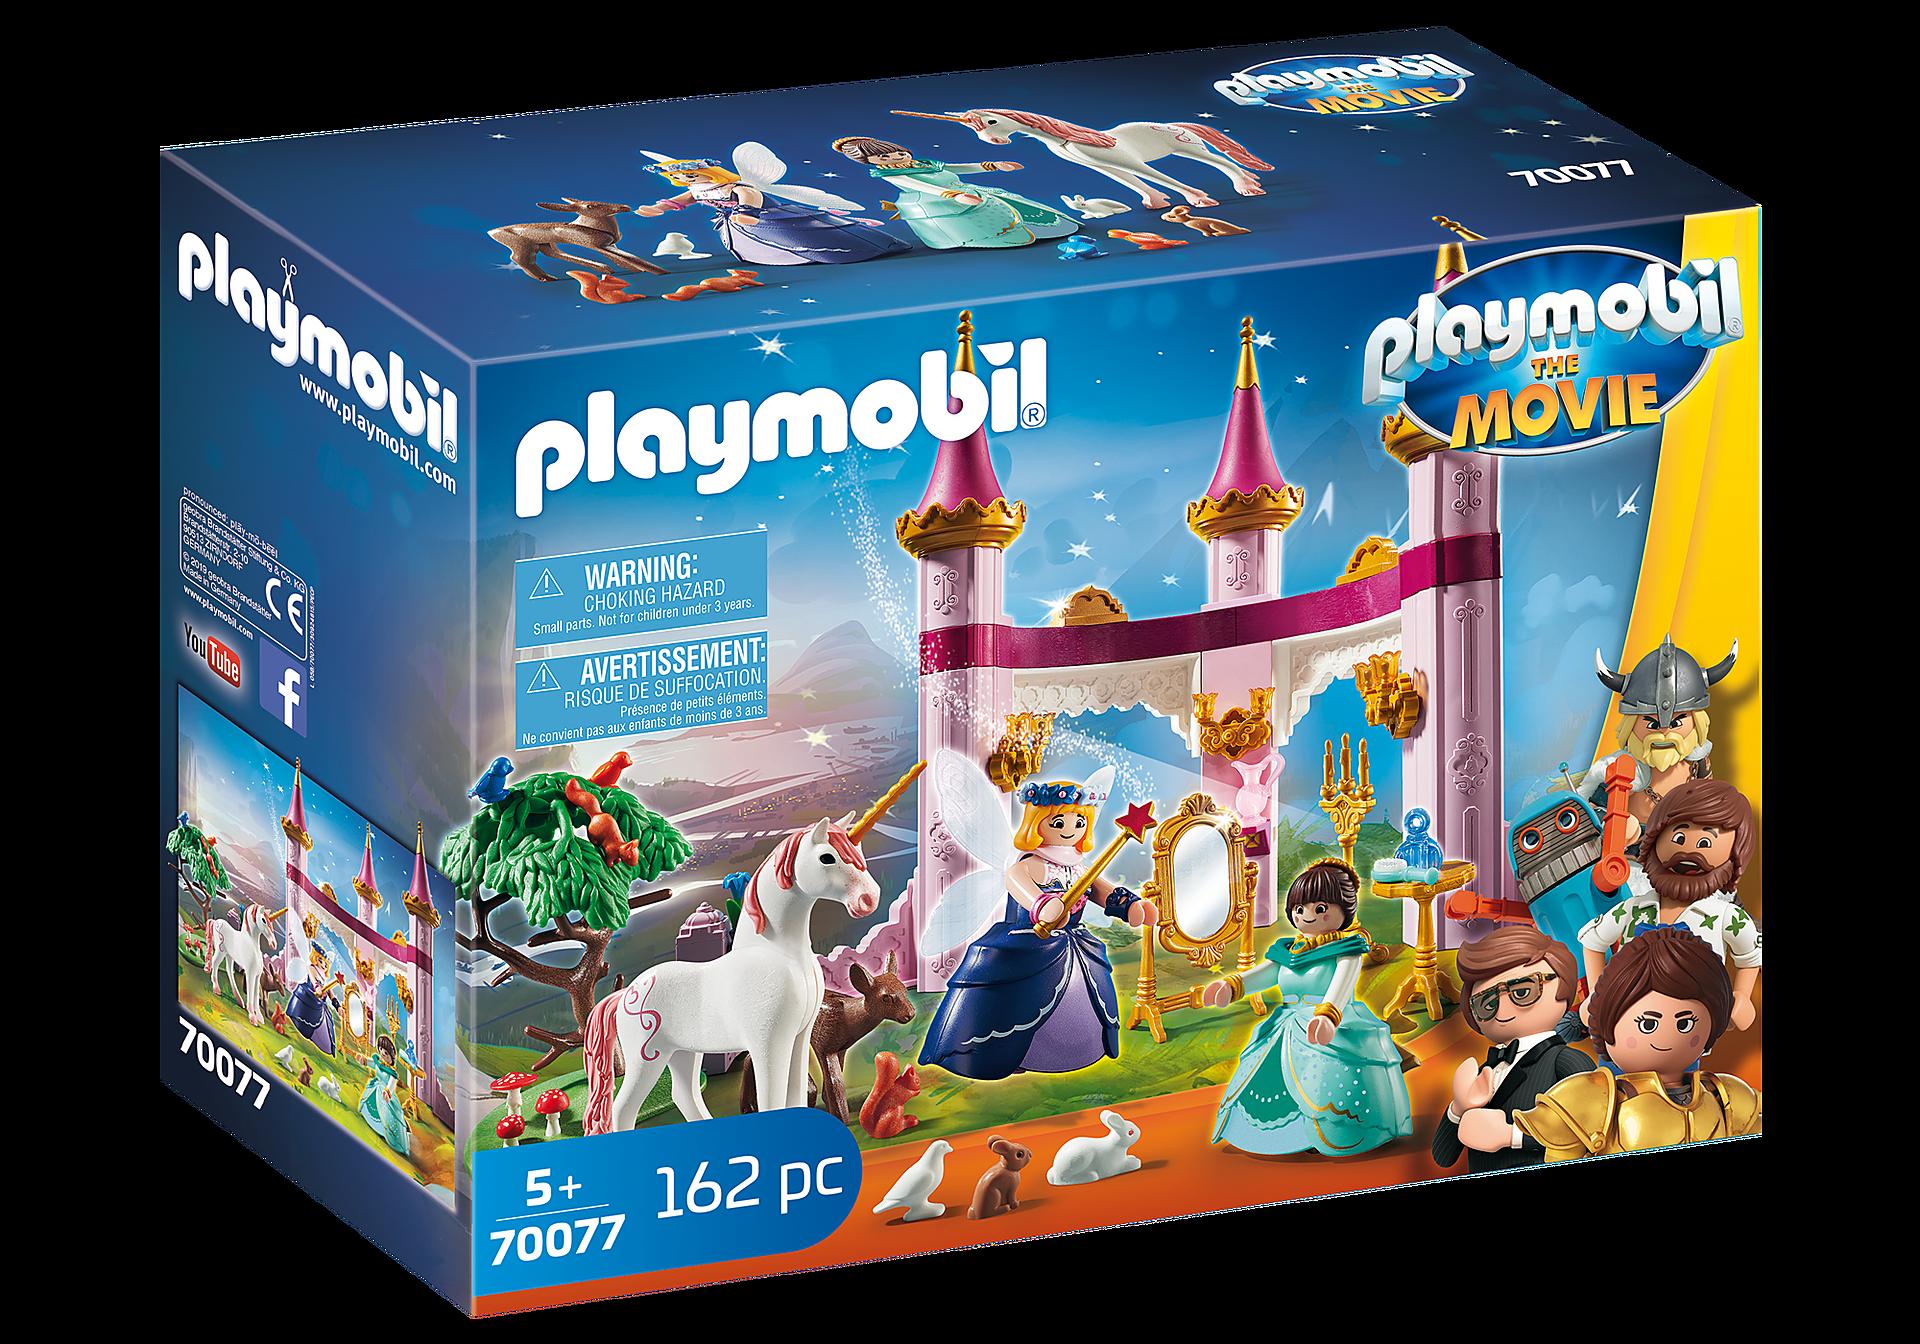 http://media.playmobil.com/i/playmobil/70077_product_box_front/PLAYMOBIL: THE MOVIE Marla no Palácio Conto de Fadas